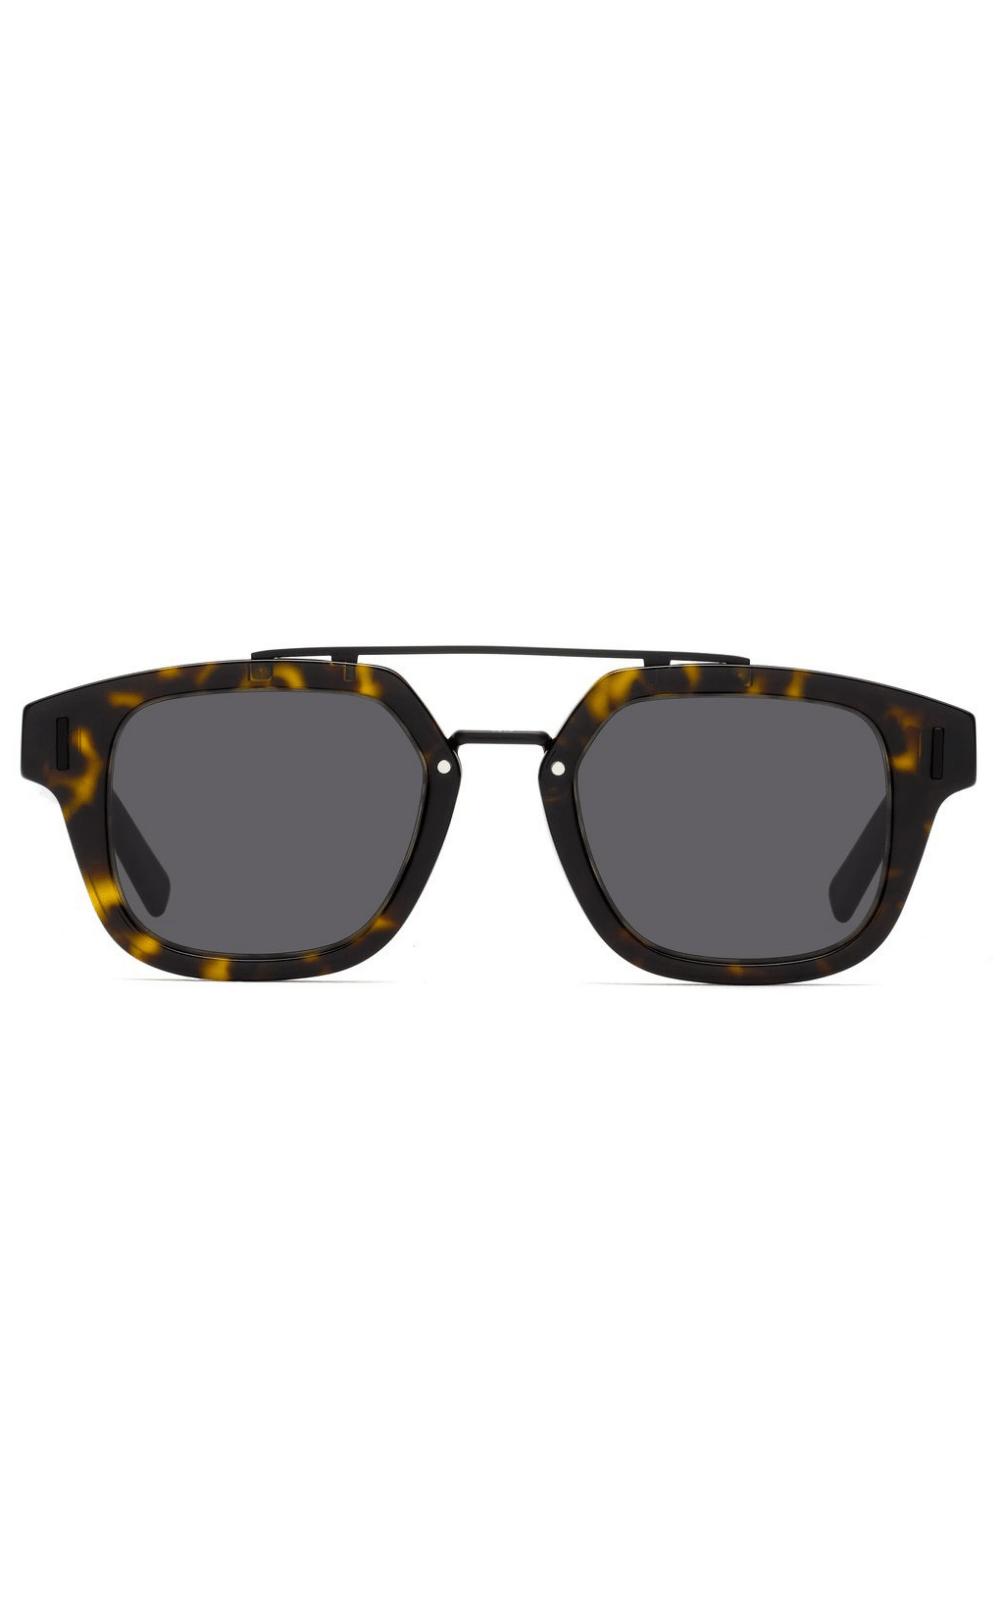 Foto 2 - Óculos de Sol Dior Homme Fraction 1 086/2K